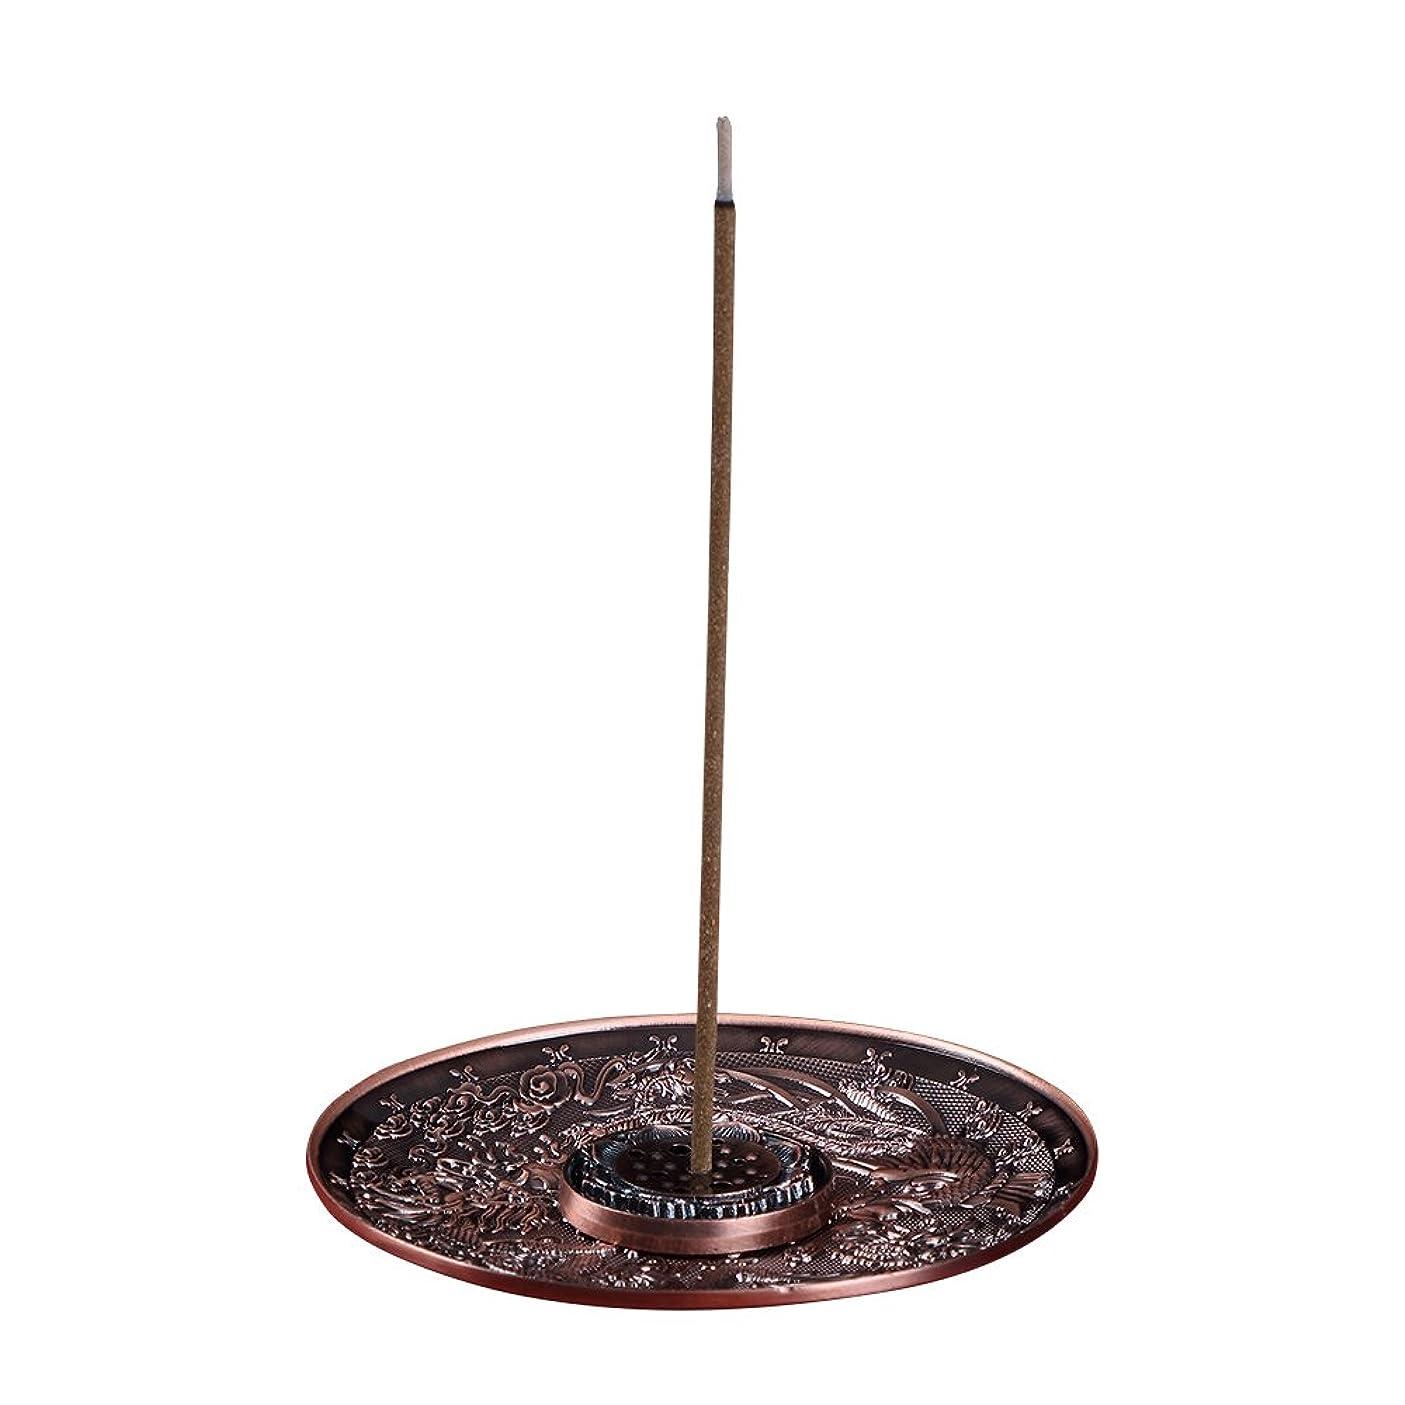 競う分離するストライク善本堂(ぜんほんどう)香炉 香立て お香用具 お線香用可 アロマ香炉 竜と鳳凰銅雕